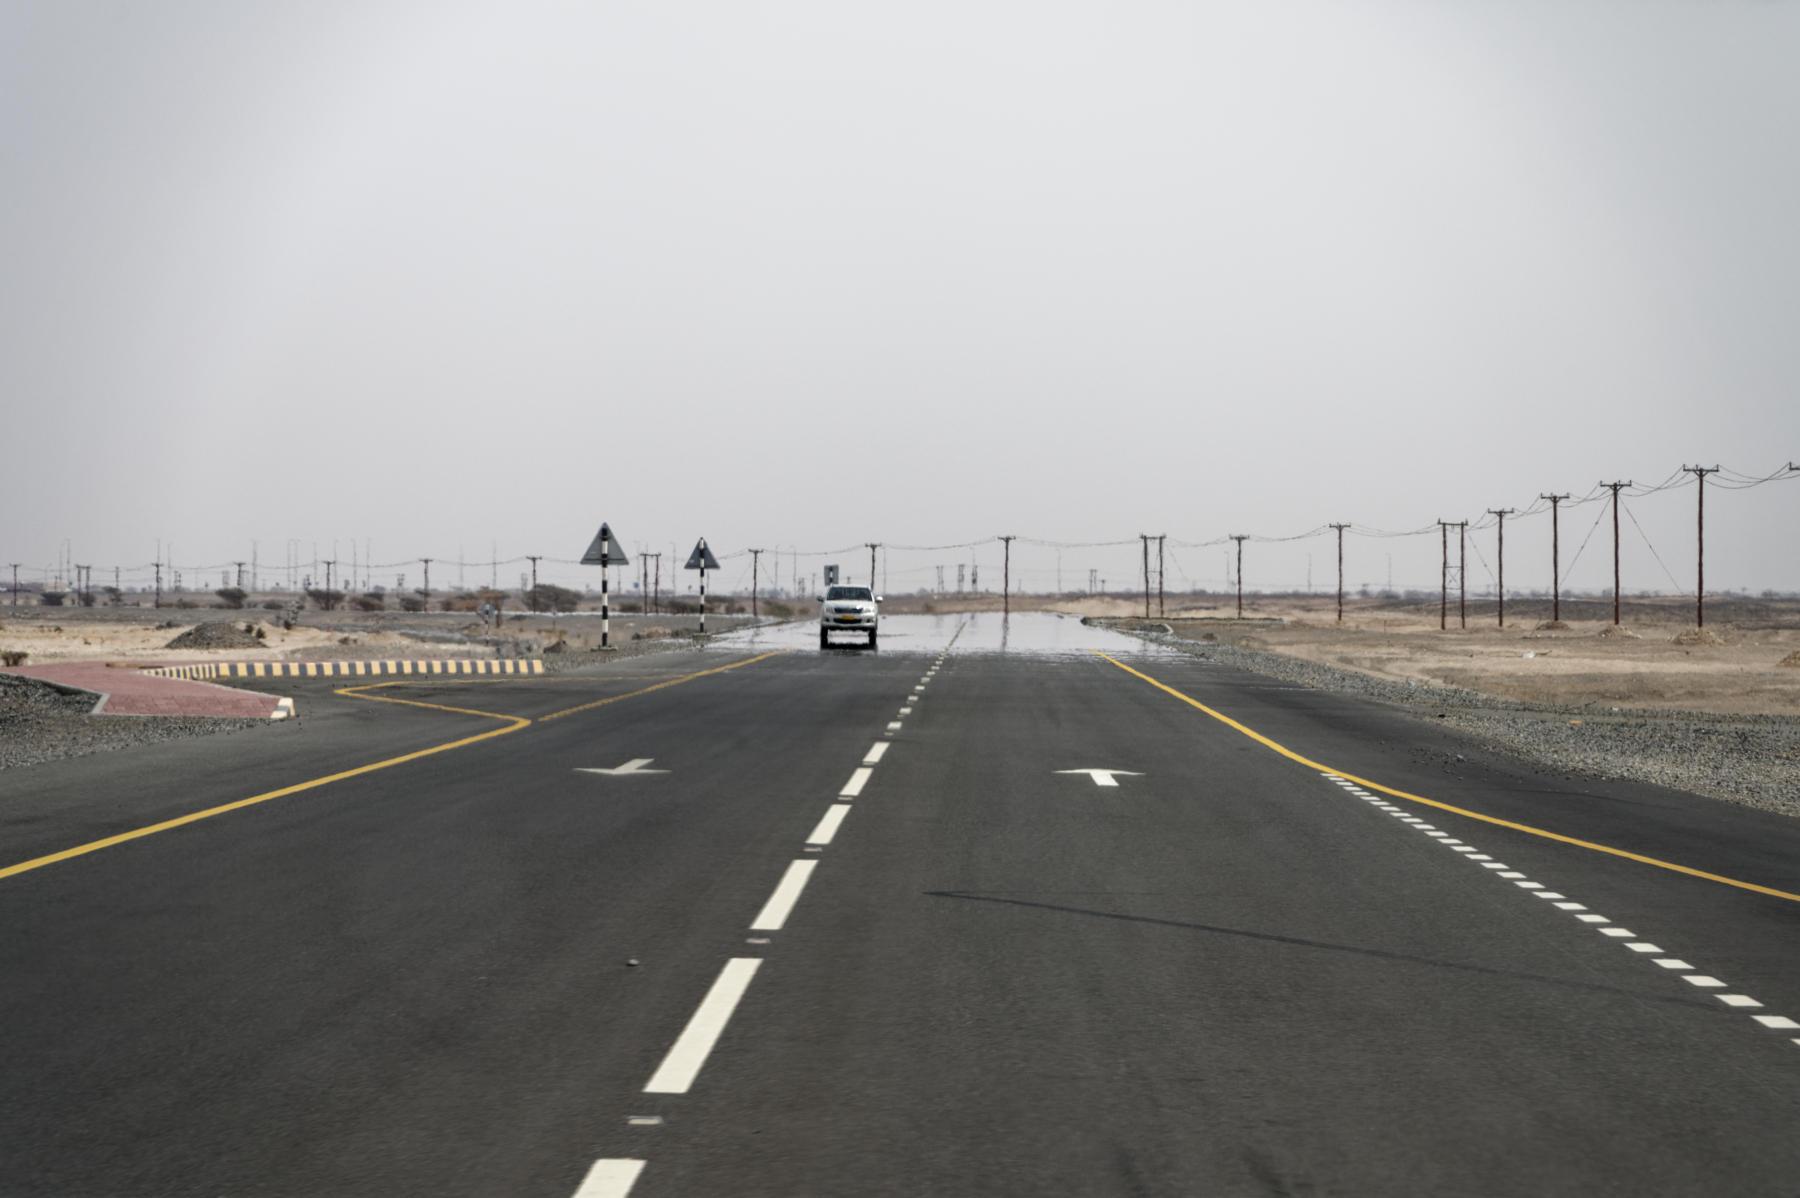 Mirage, Oman